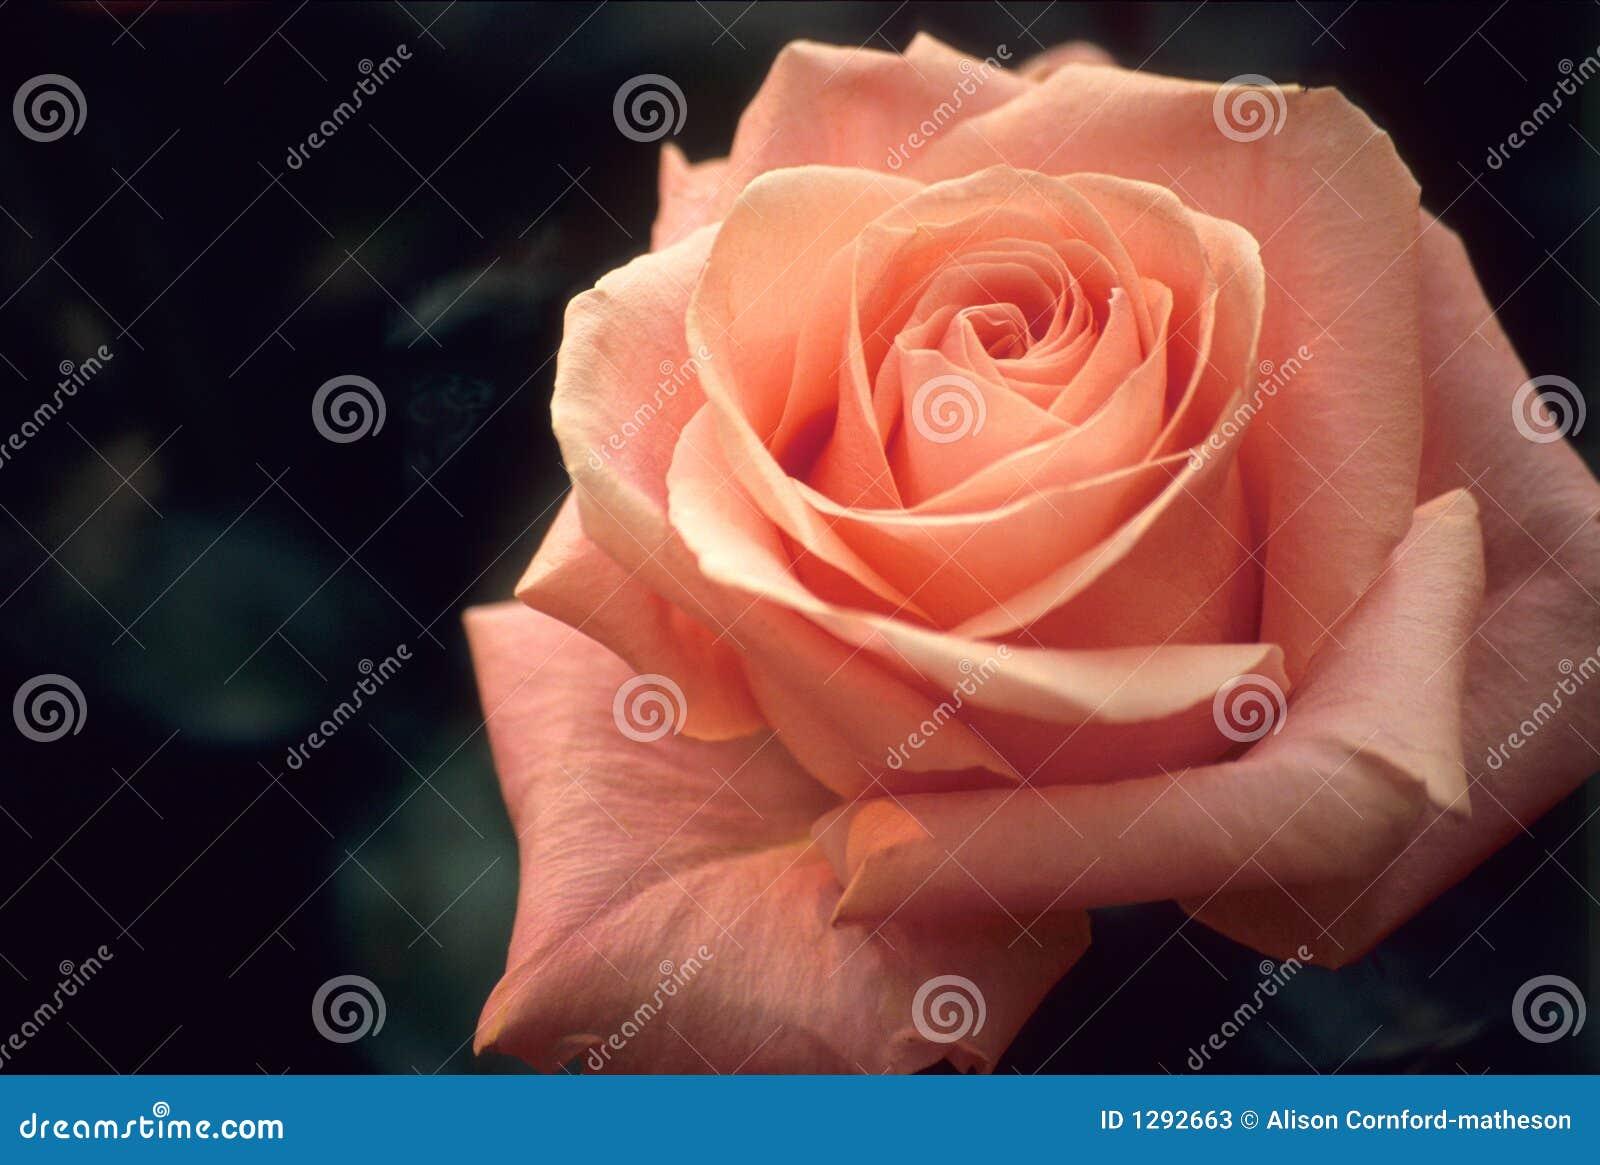 Rose rose sensible